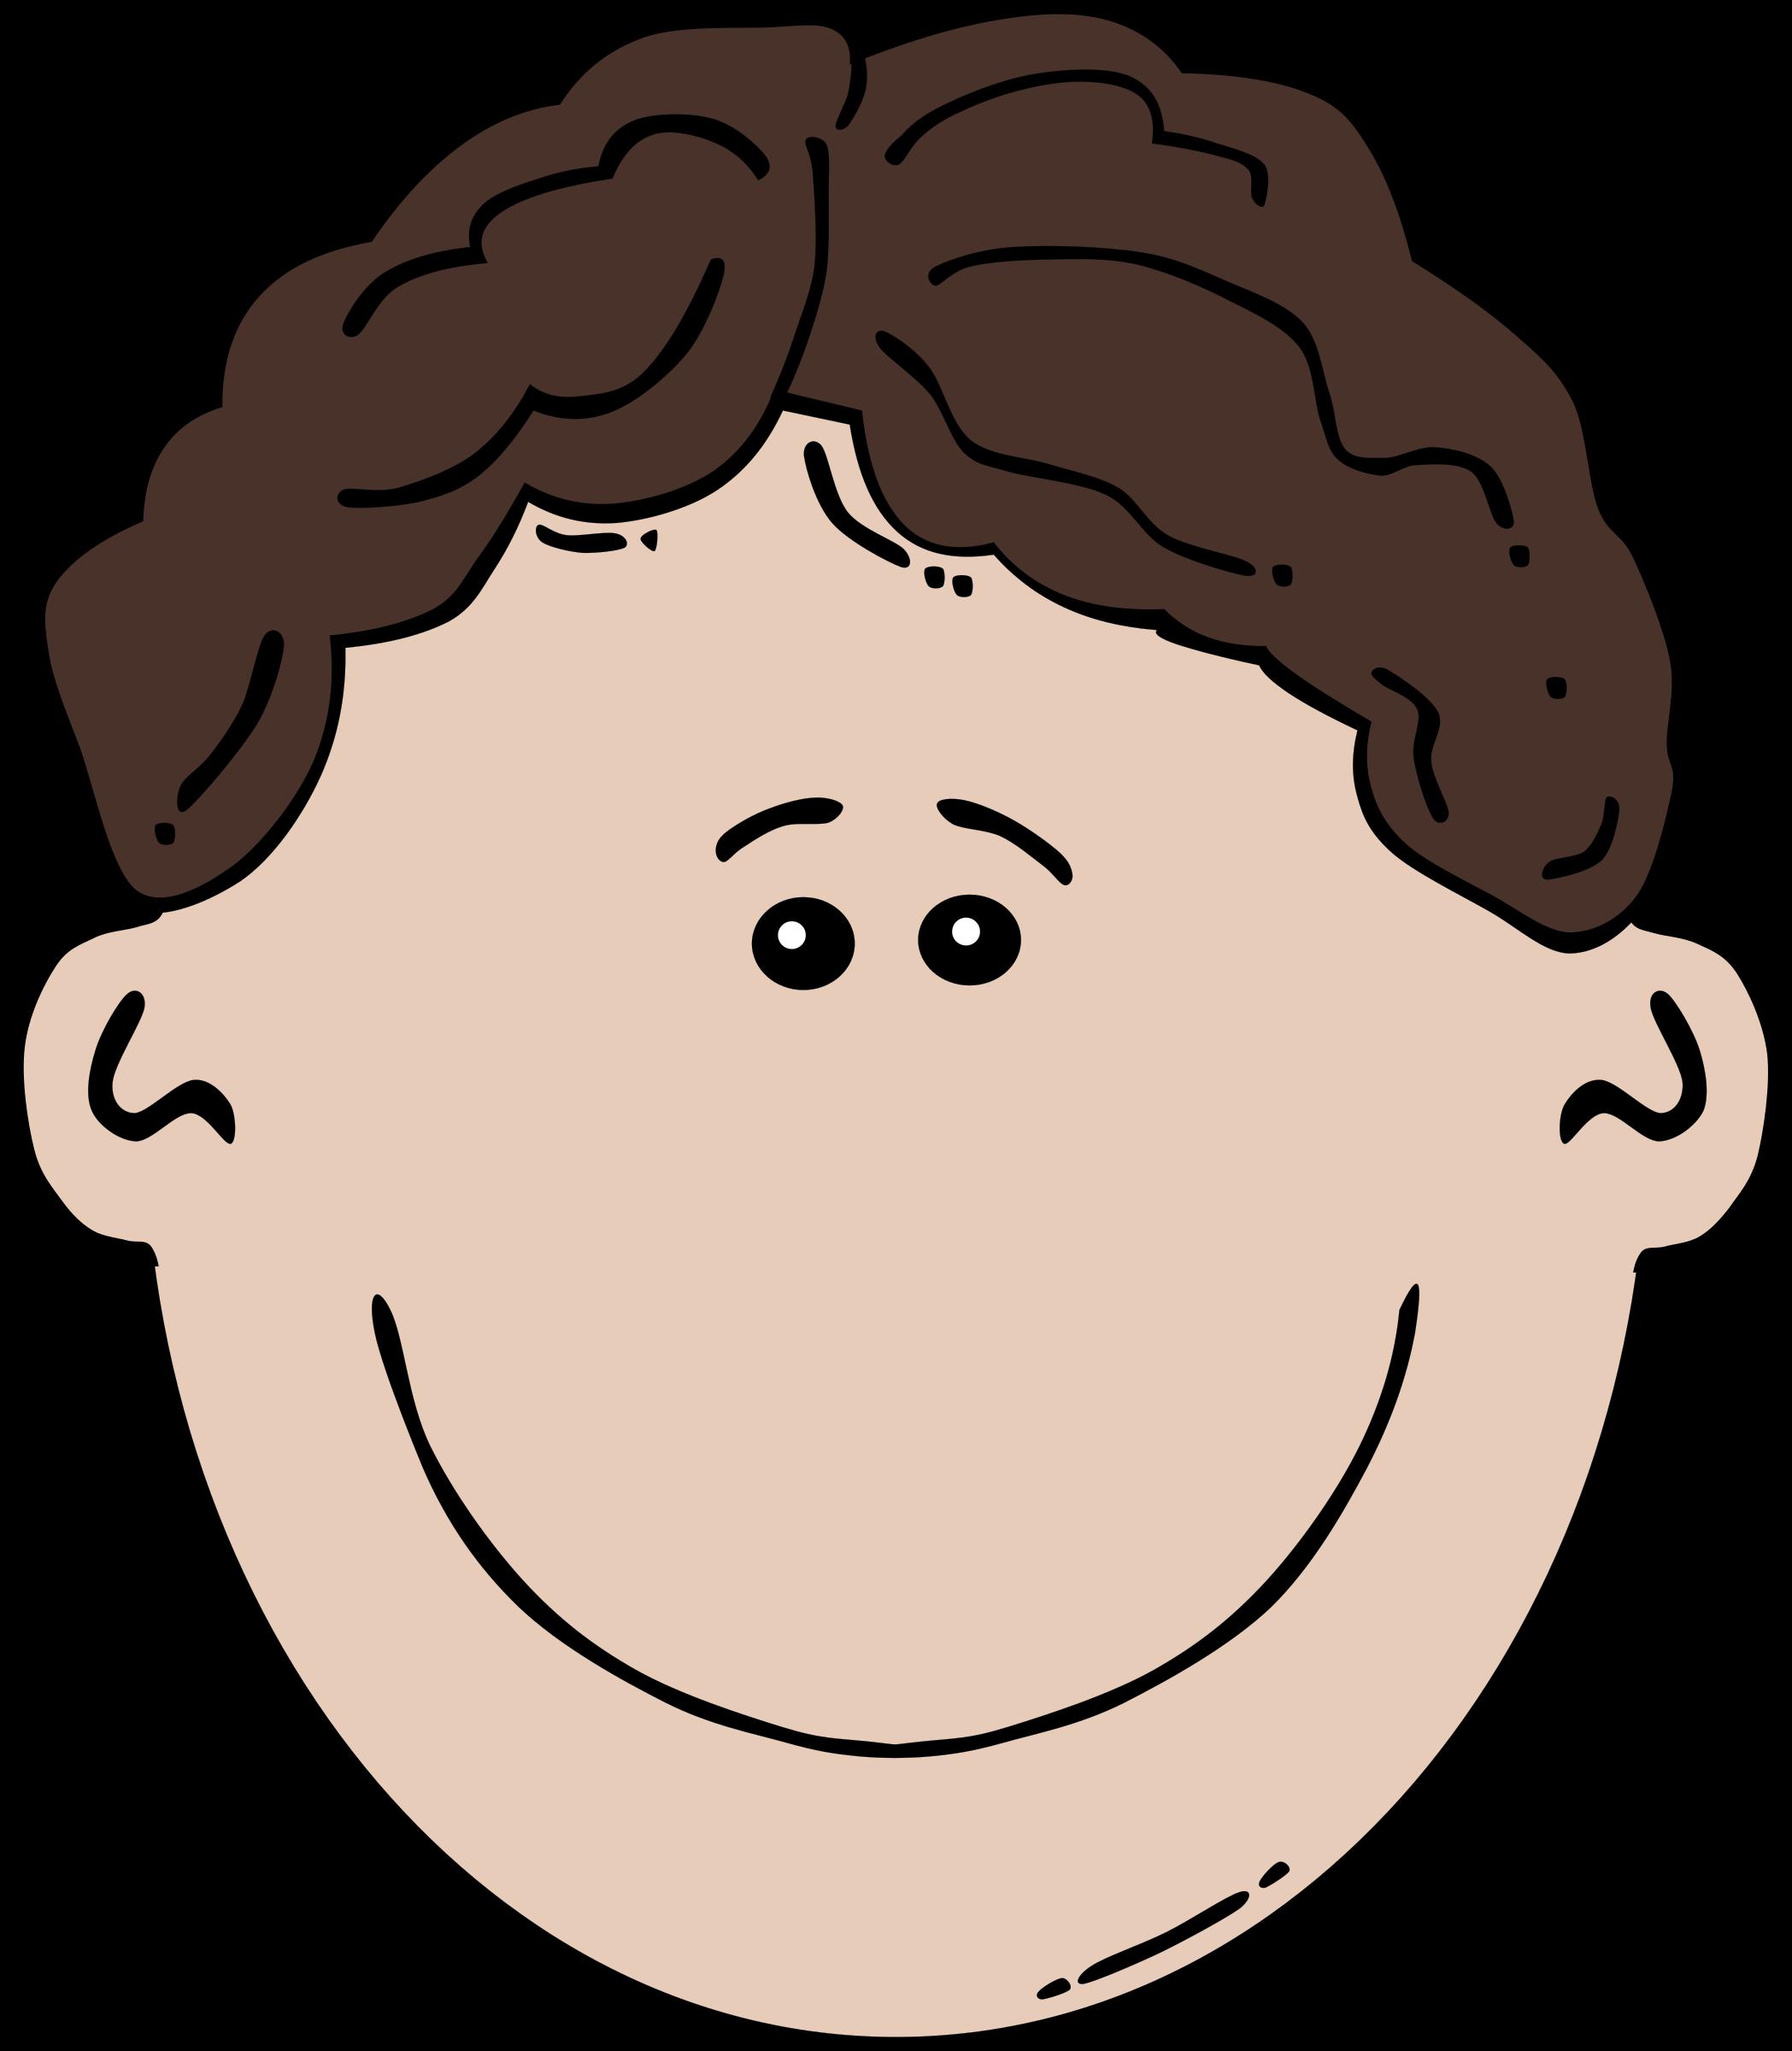 Son clipart face to face. Boy cartoon big image